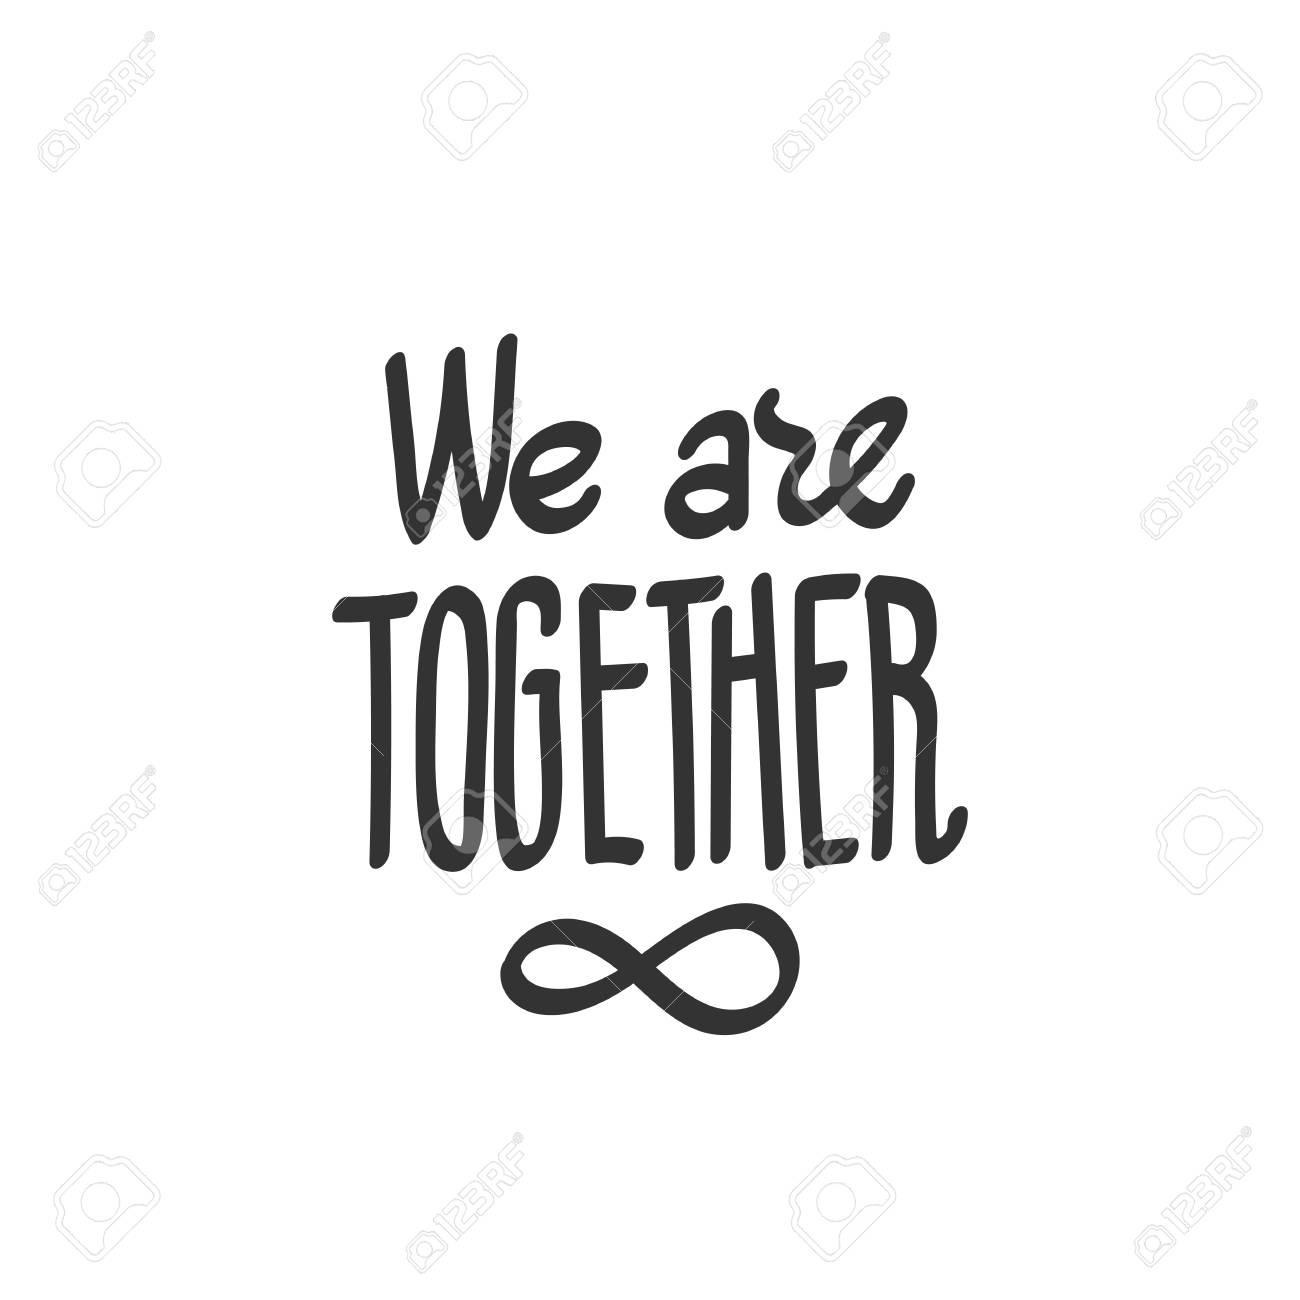 Estamos Juntos Letras Con El Símbolo De Infinito Que Significa Amor